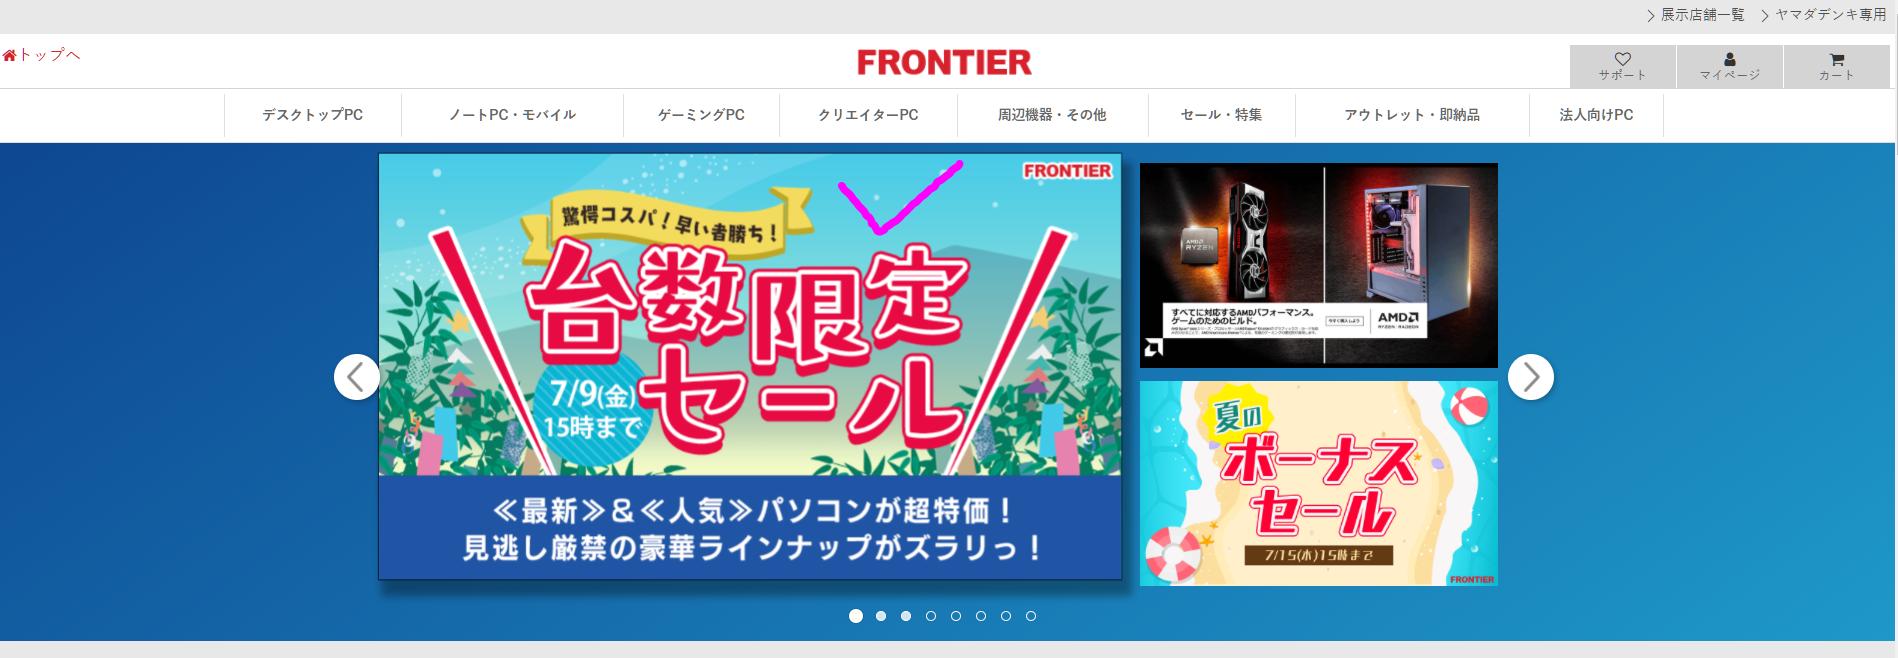 frontier210703-1